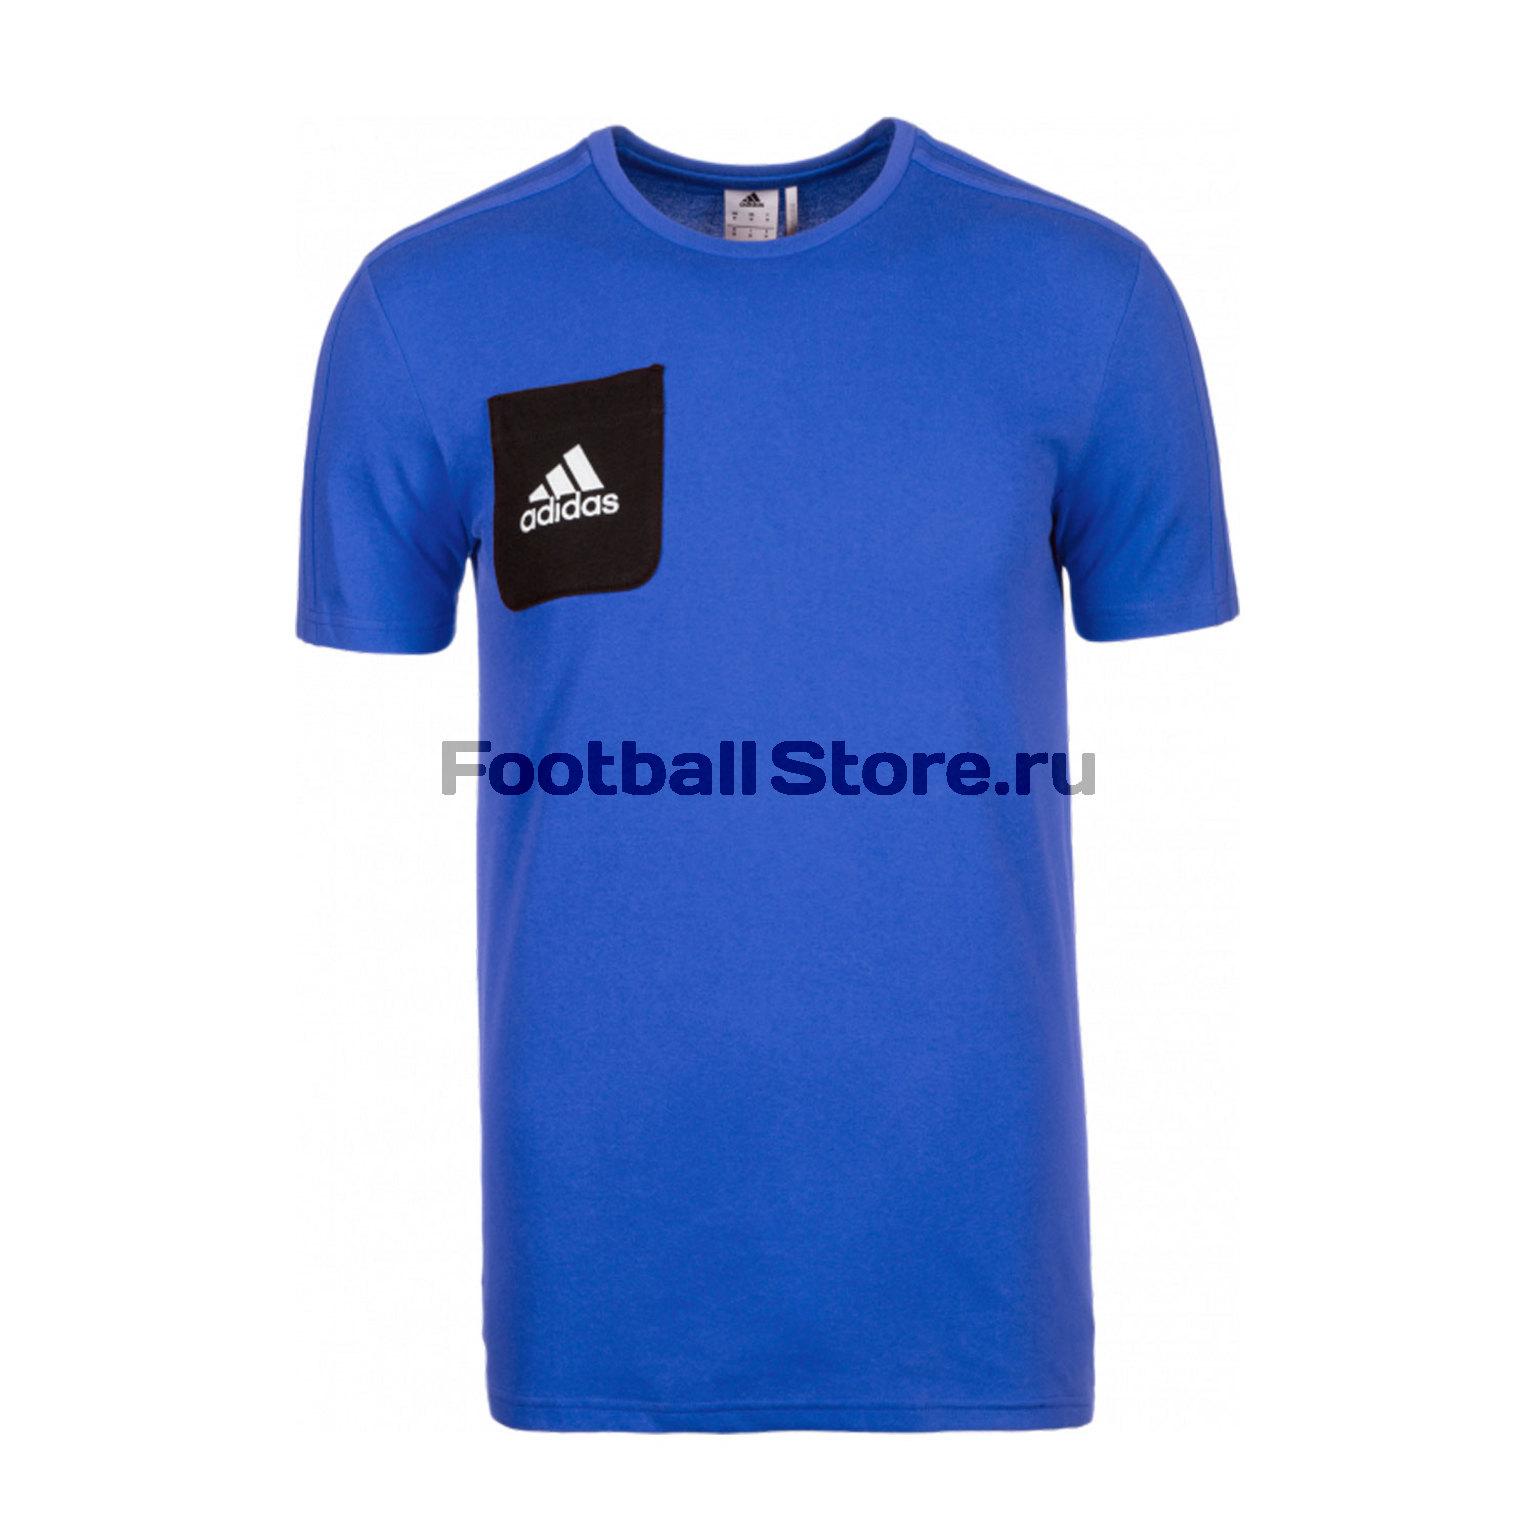 Футболка тренировочная Adidas Tiro17 Tee BQ2660 футболка adidas футболка stu clima tee